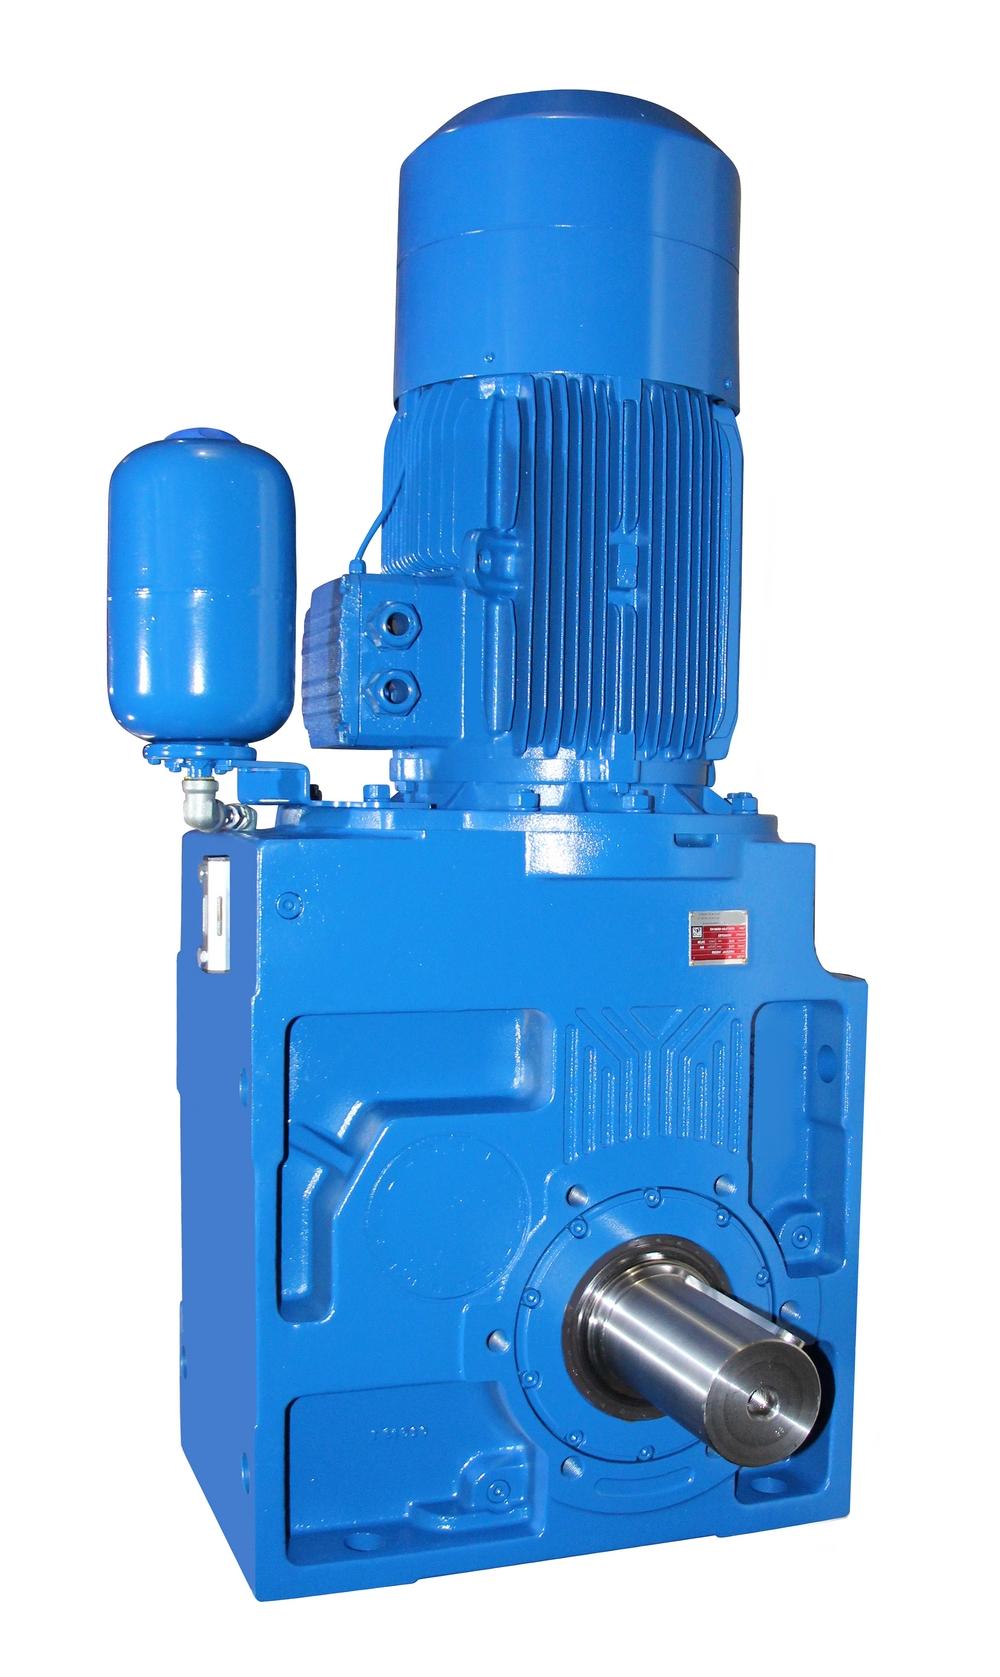 Kegelstirnradgetriebemotor mit Druckausgleichsbehälter